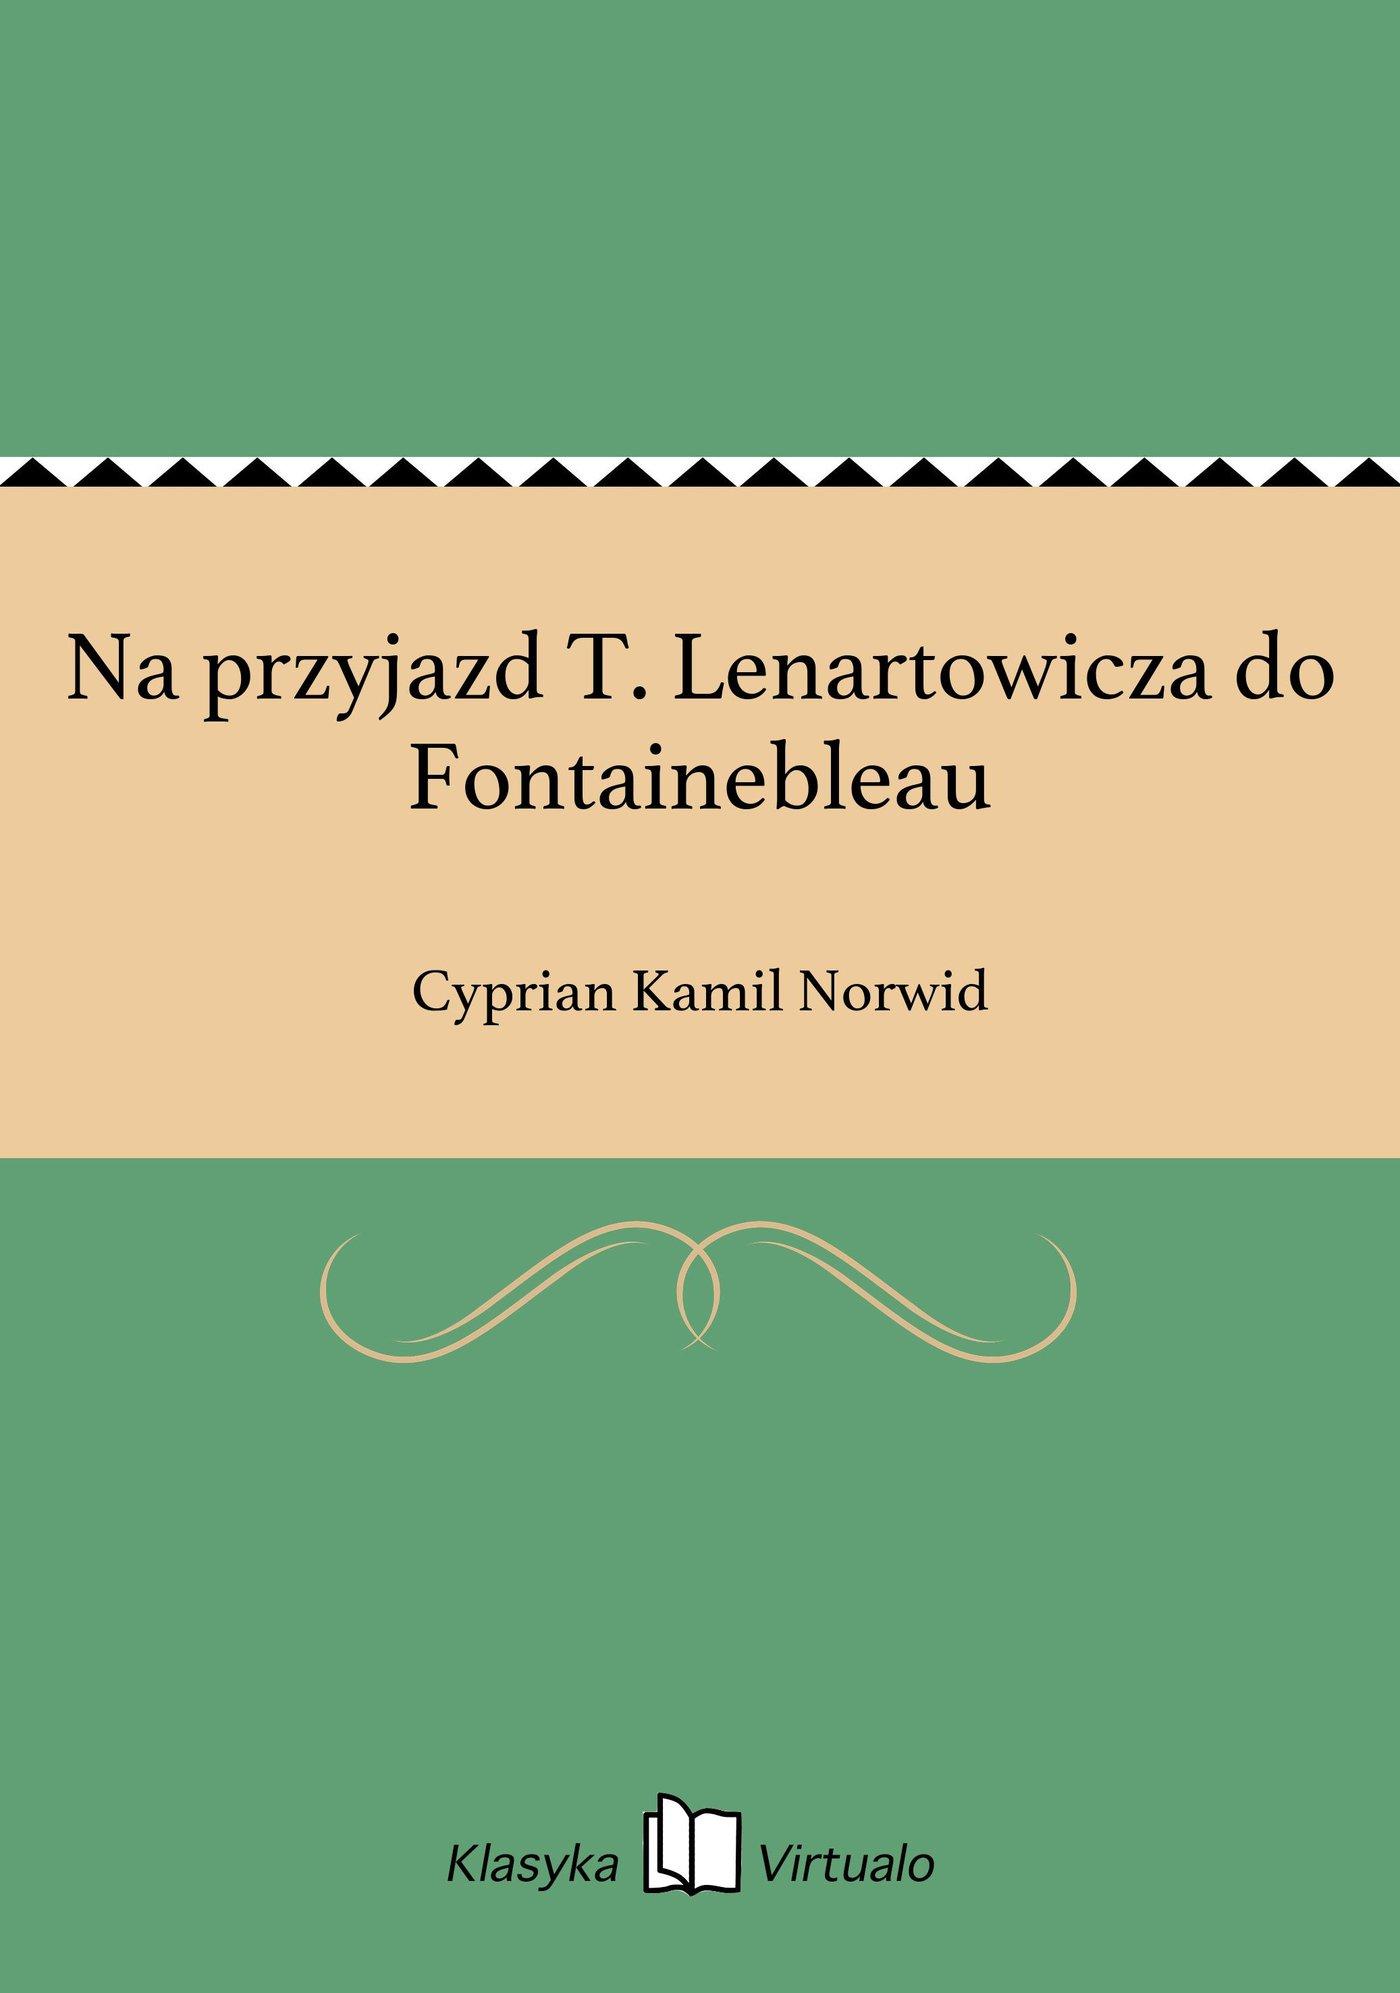 Na przyjazd T. Lenartowicza do Fontainebleau - Ebook (Książka na Kindle) do pobrania w formacie MOBI